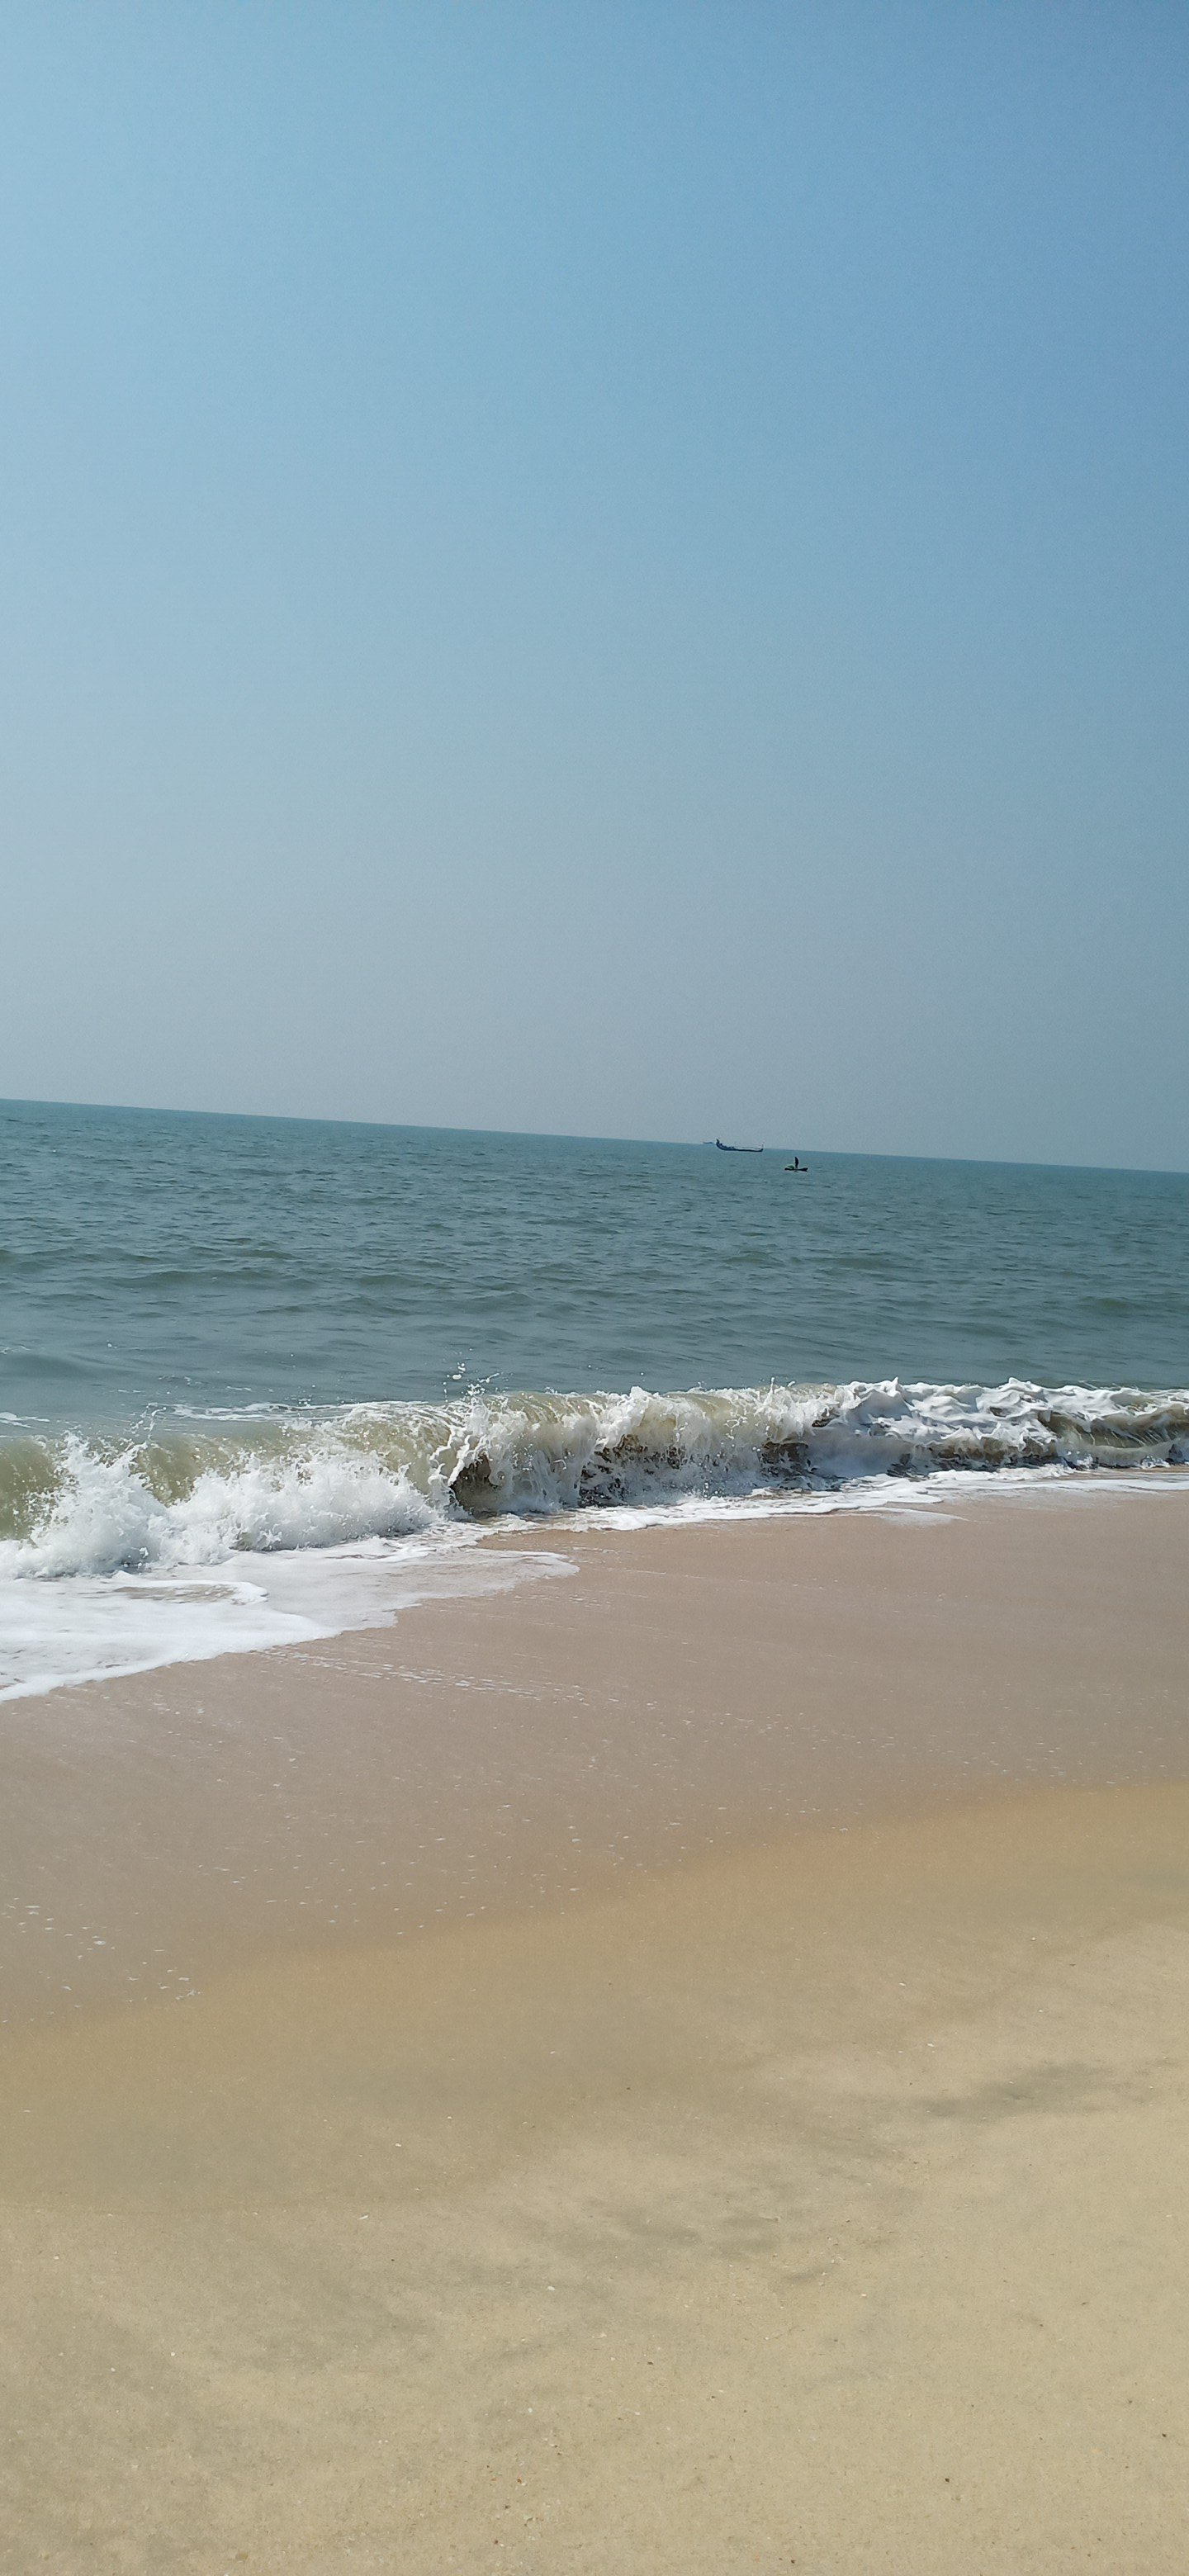 Alleppy_Backwaters_Kerala_houseboat_alleppy_beach